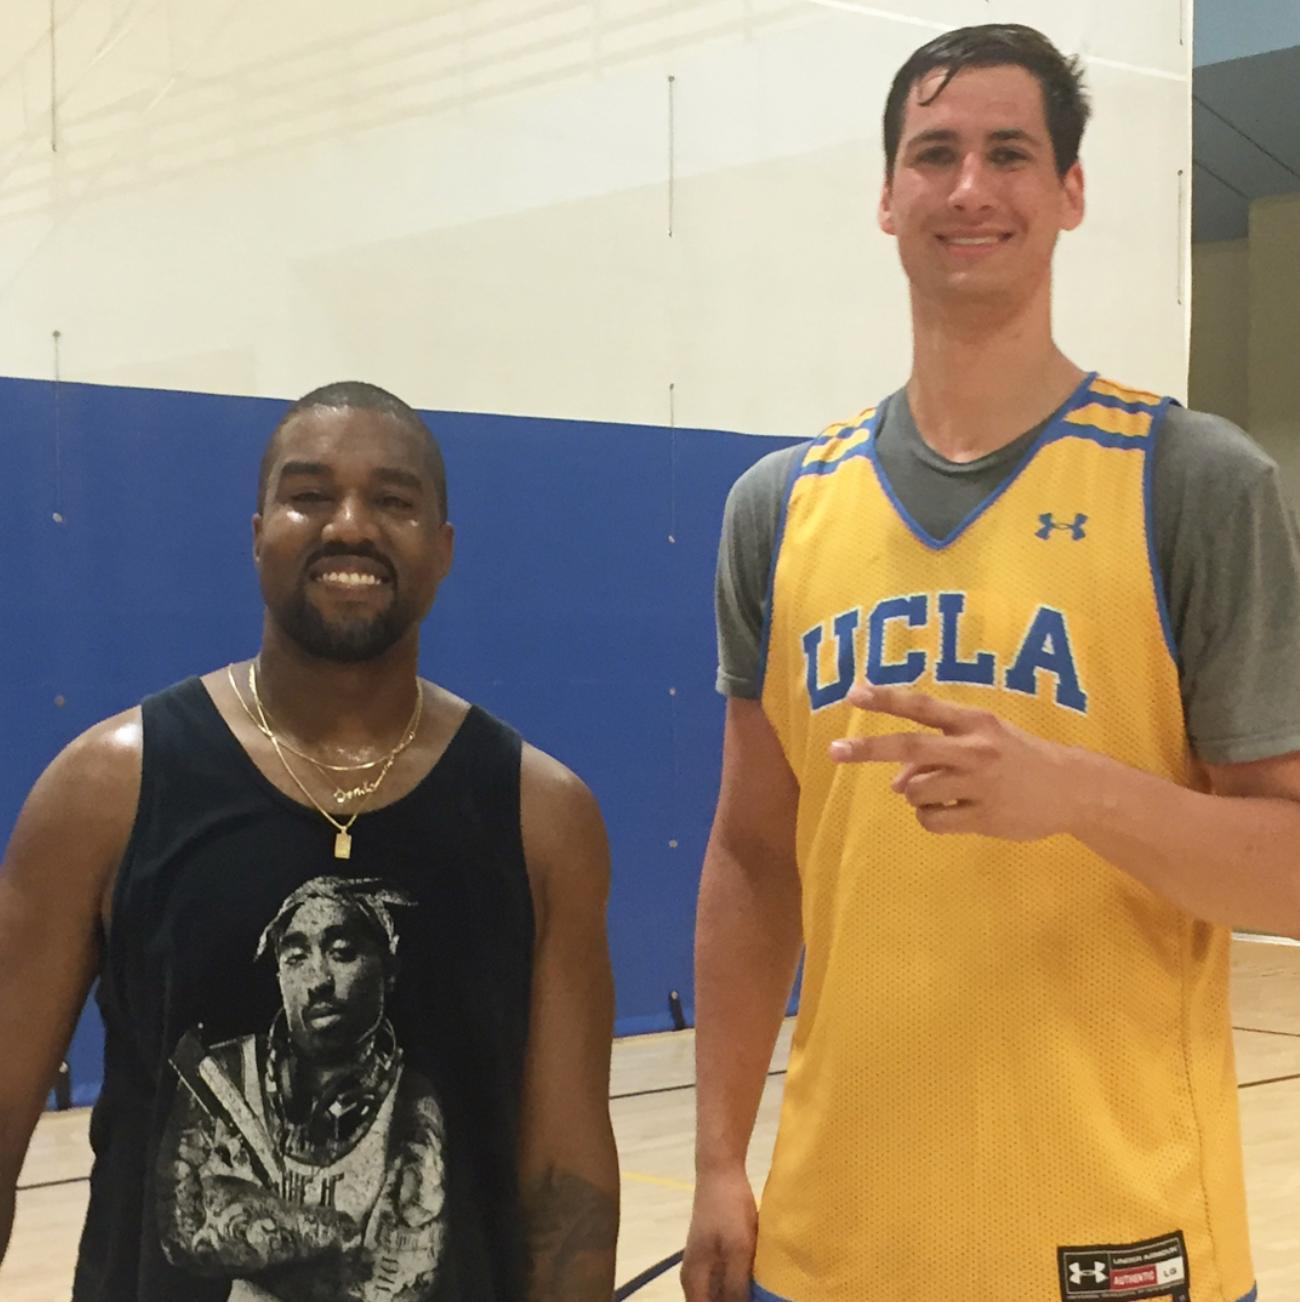 Kanye West Former Athlete